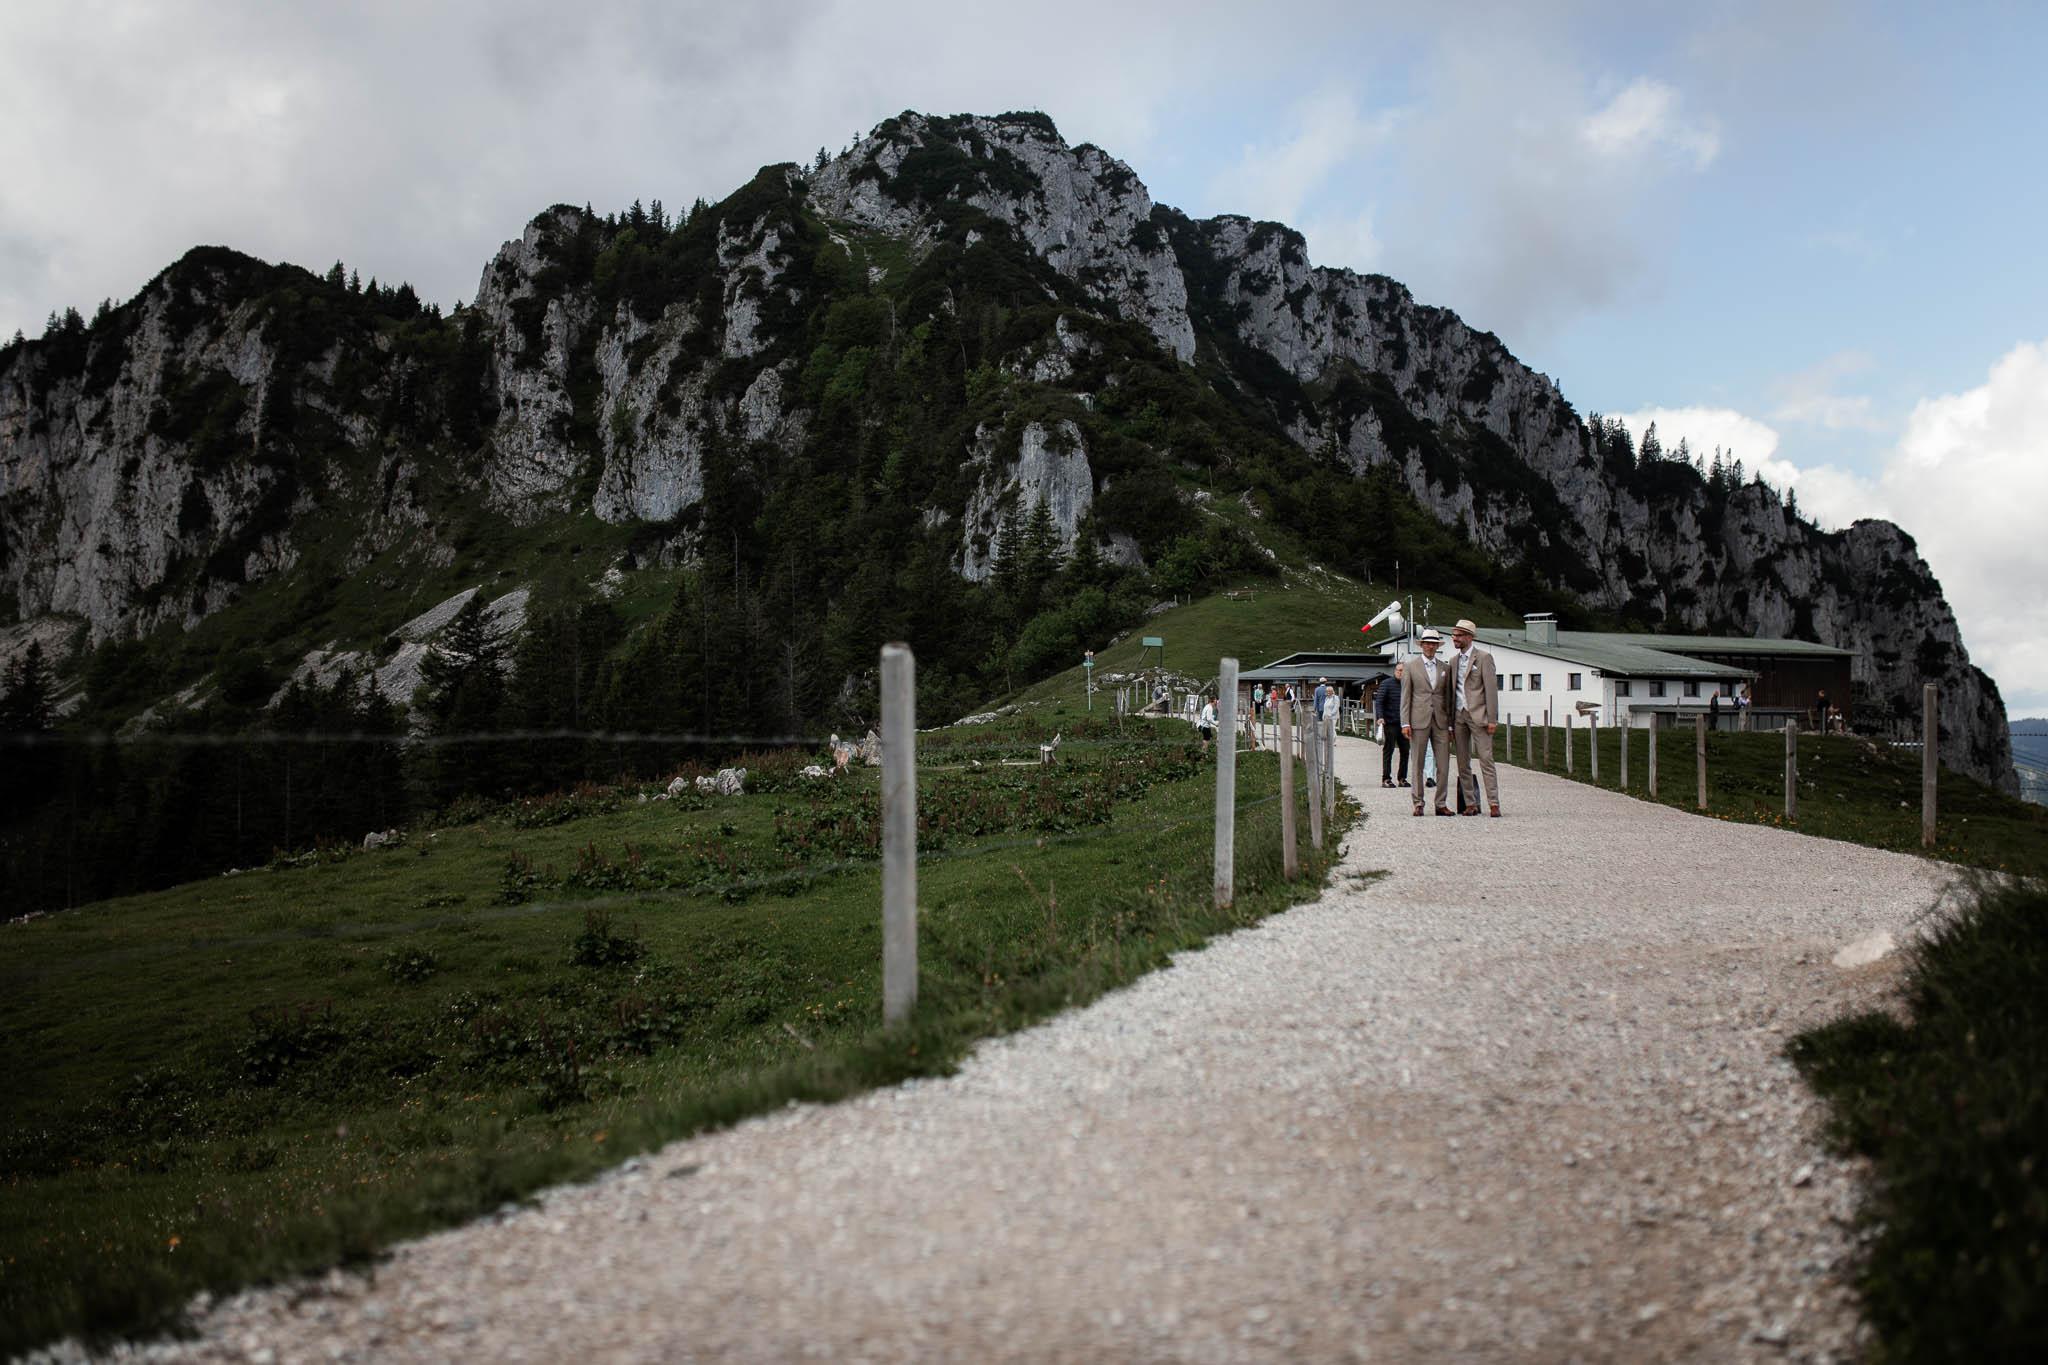 Hochzeitsfotograf Alpen, Chiemgau: freie Trauung von Dennis & Dirk 10